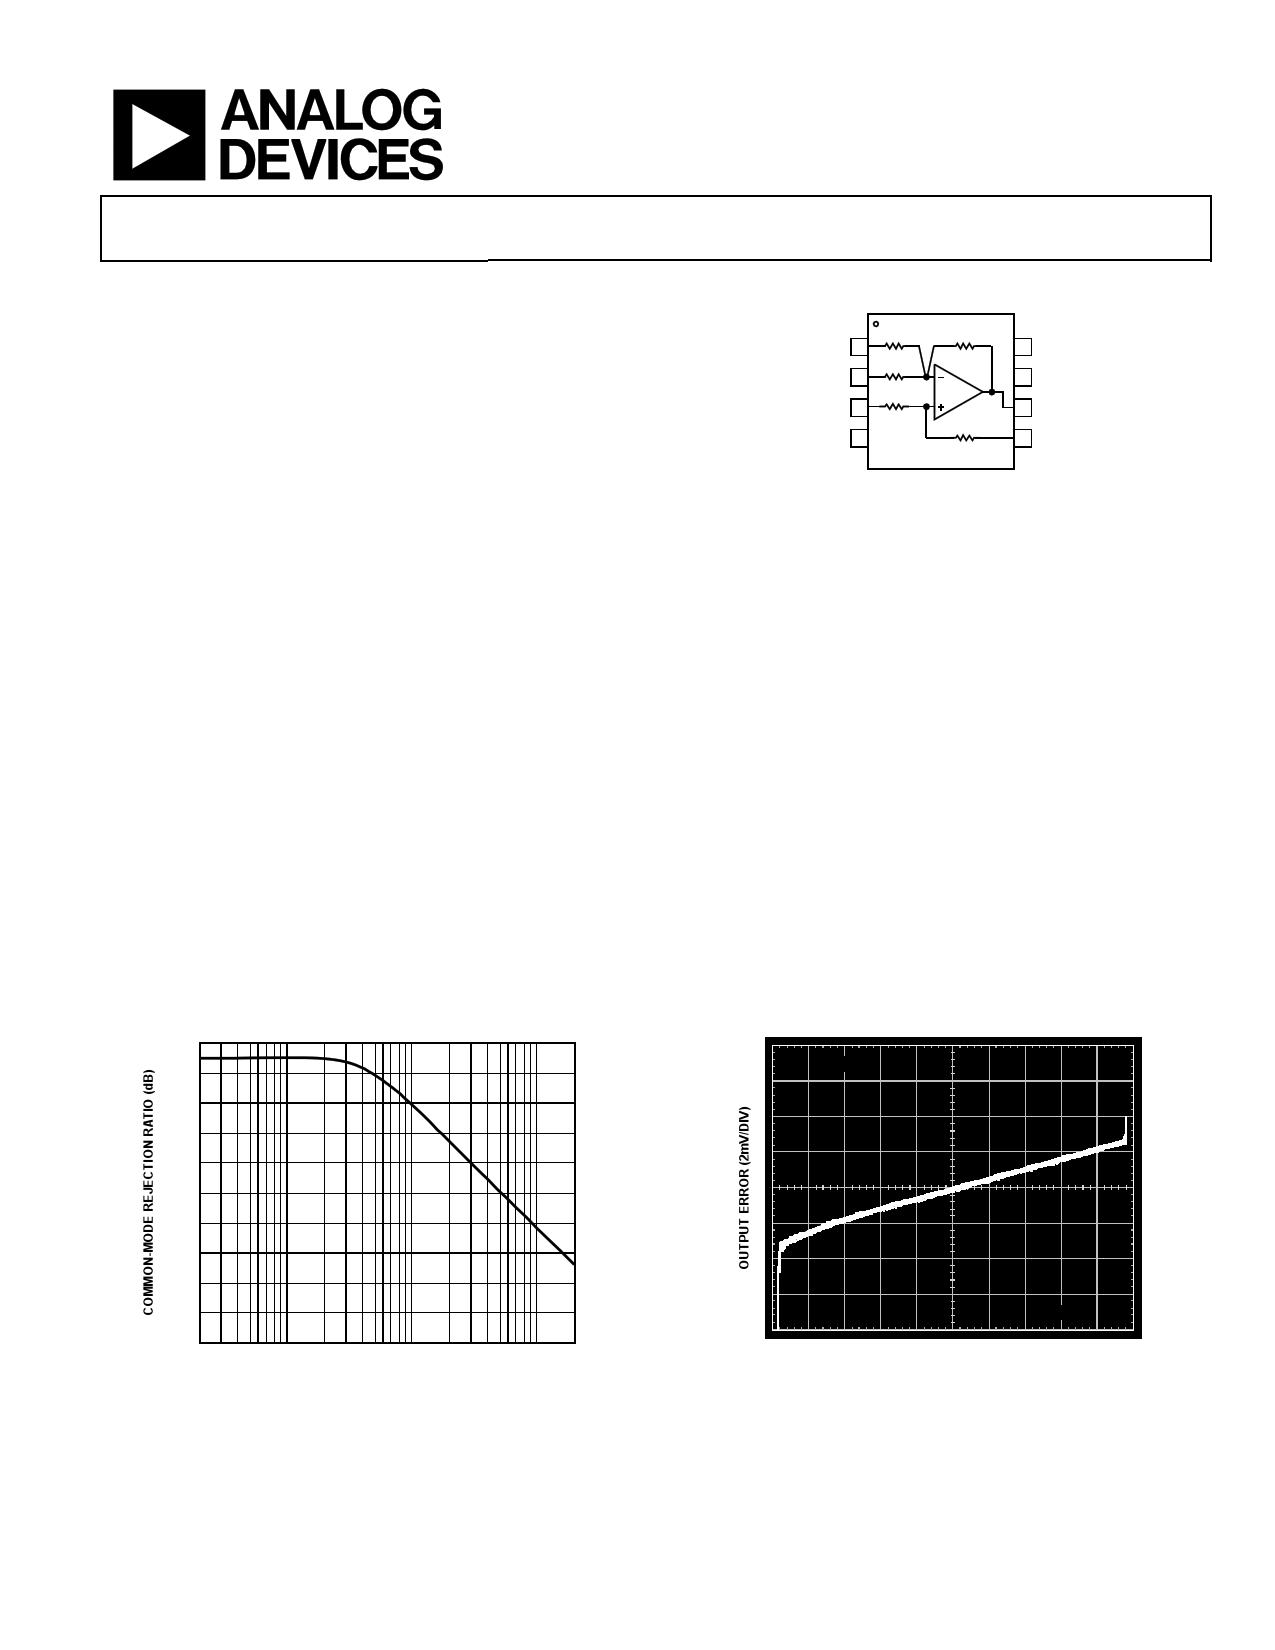 ad629 datasheet pdf   pinout